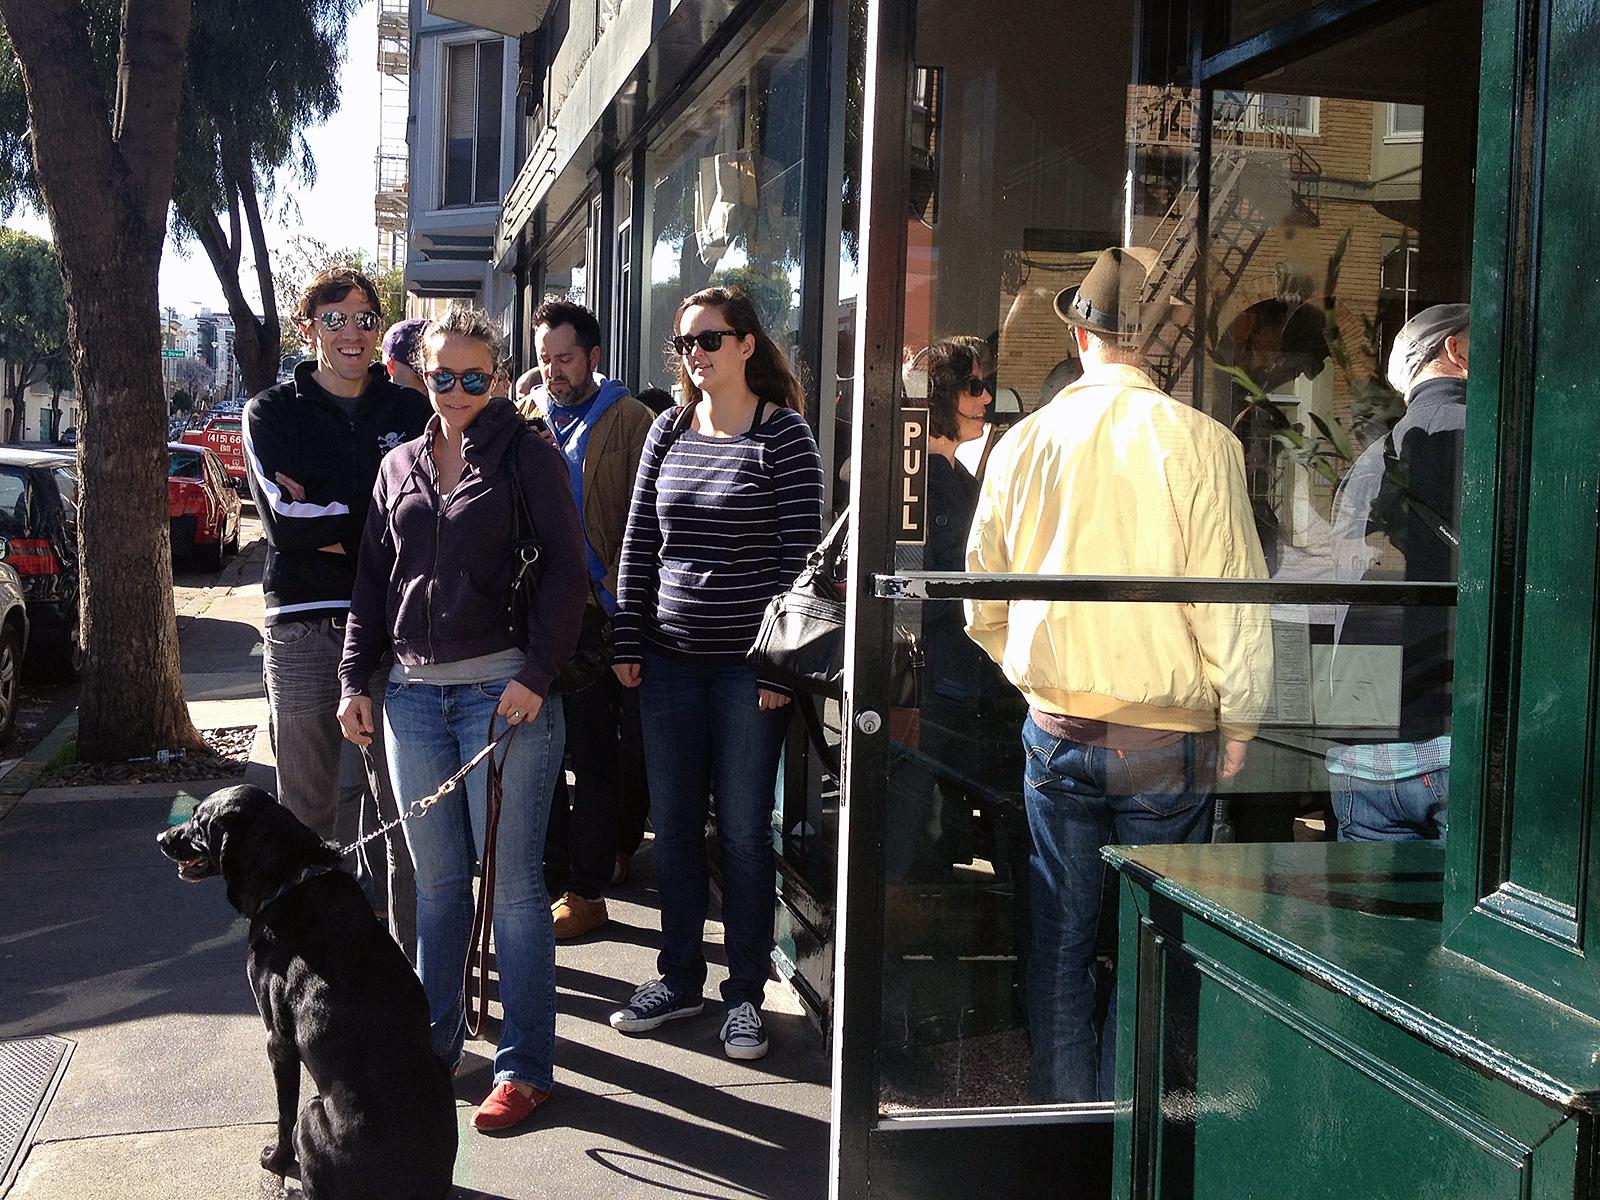 The line outside Tartine Bakery.